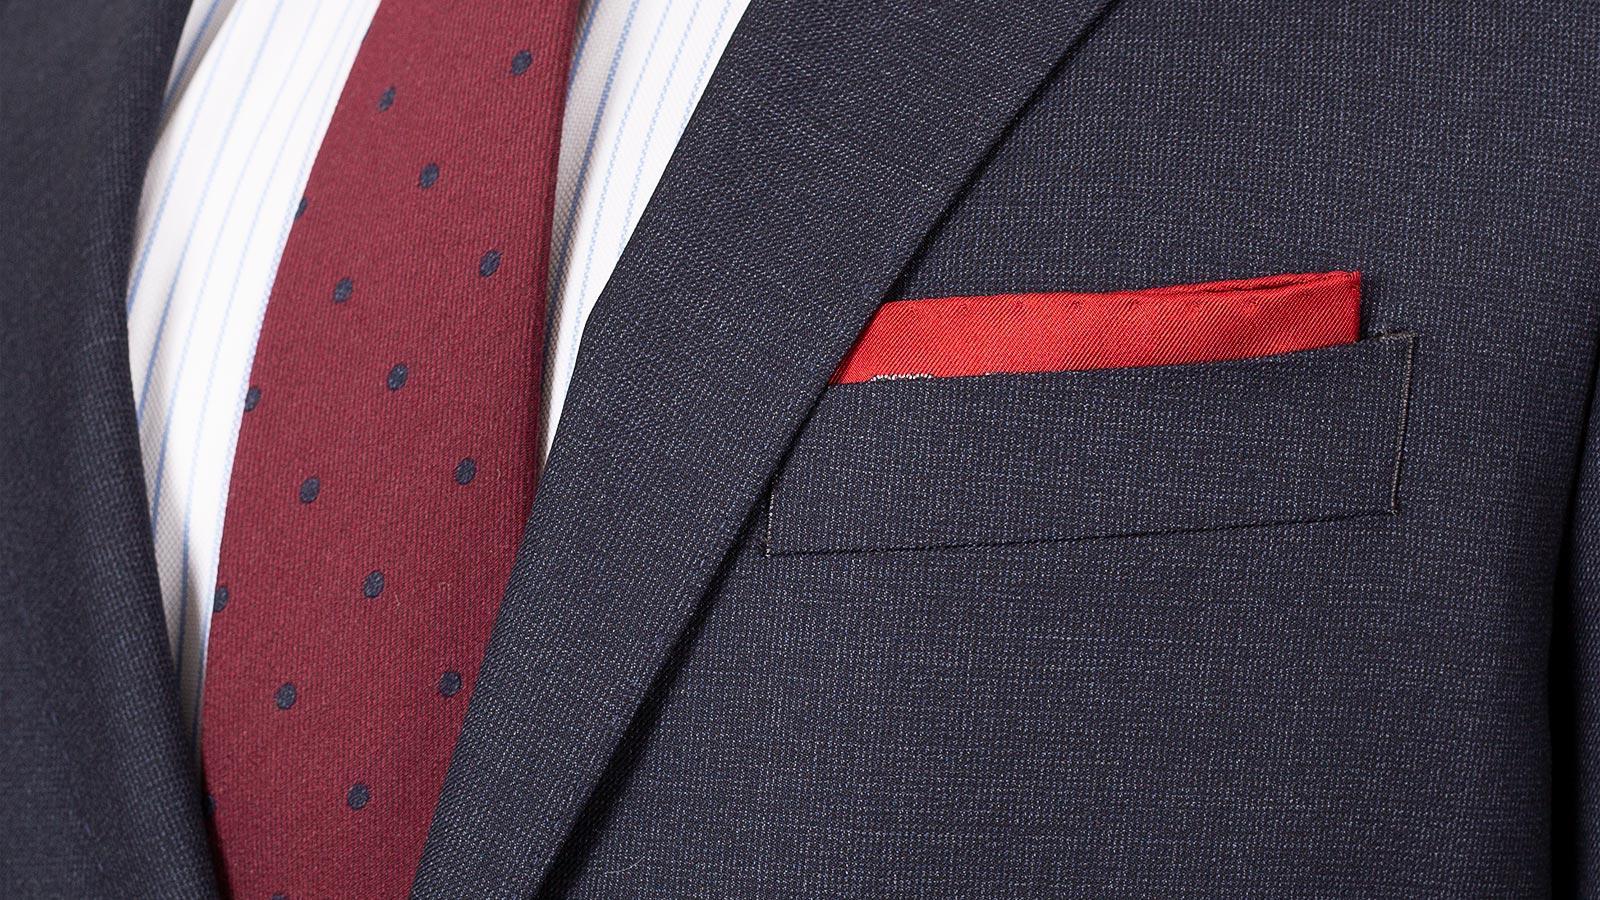 Charcoal Blue Melange Natural Stretch Suit - slider image 1